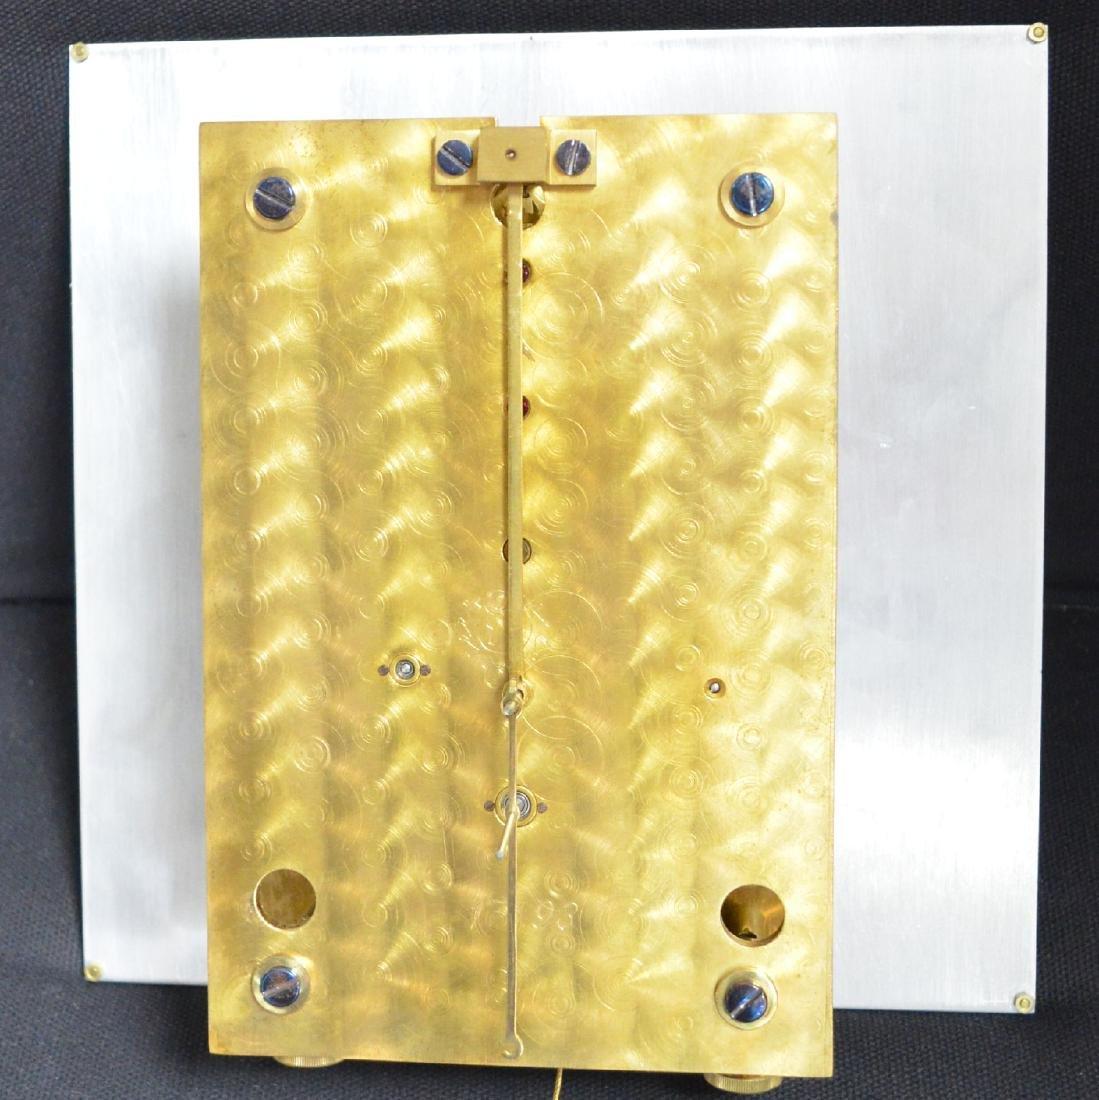 BILLERBECK/NIENABER No. 06 precision pendulum clock - 4